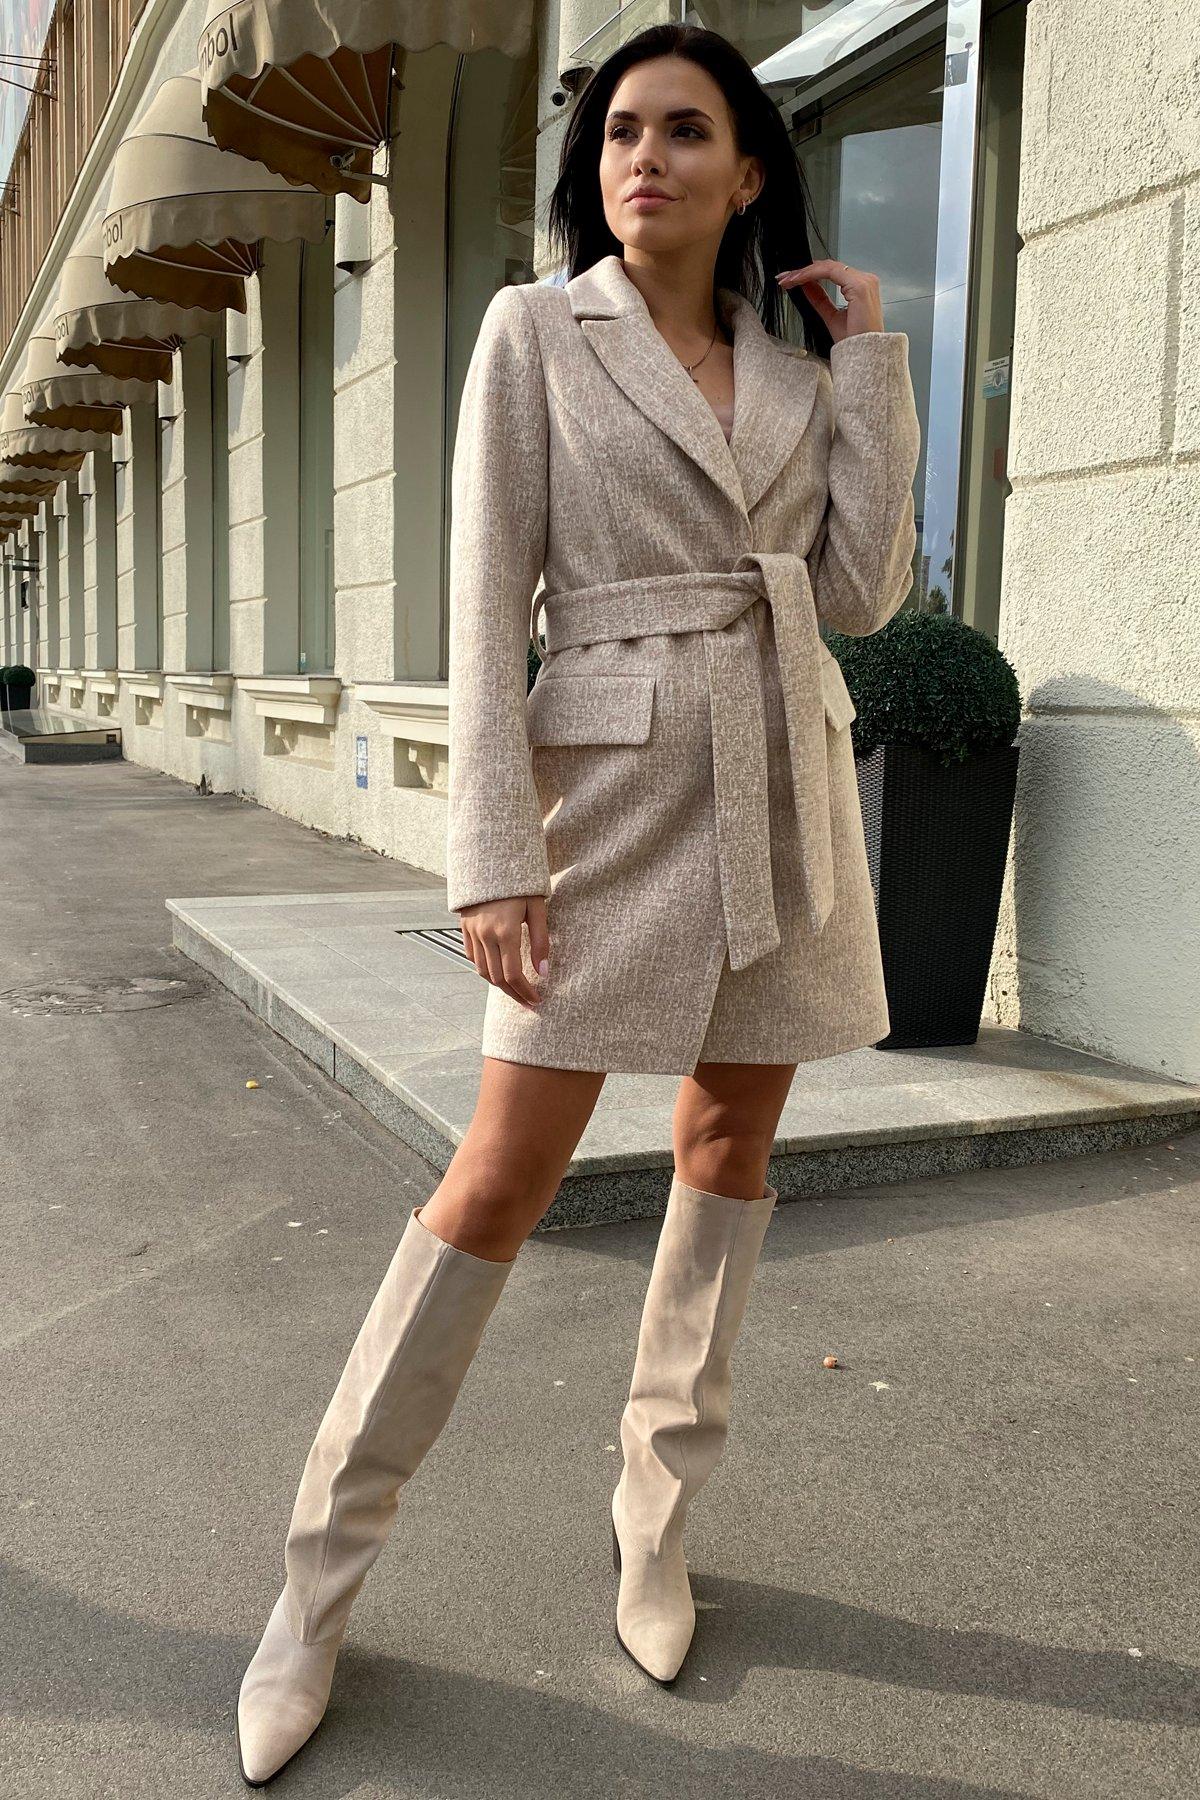 Корси кашемир меланж на трикотаже текстурный пальто 9878 АРТ. 46165 Цвет: Бежевый/молоко - фото 4, интернет магазин tm-modus.ru